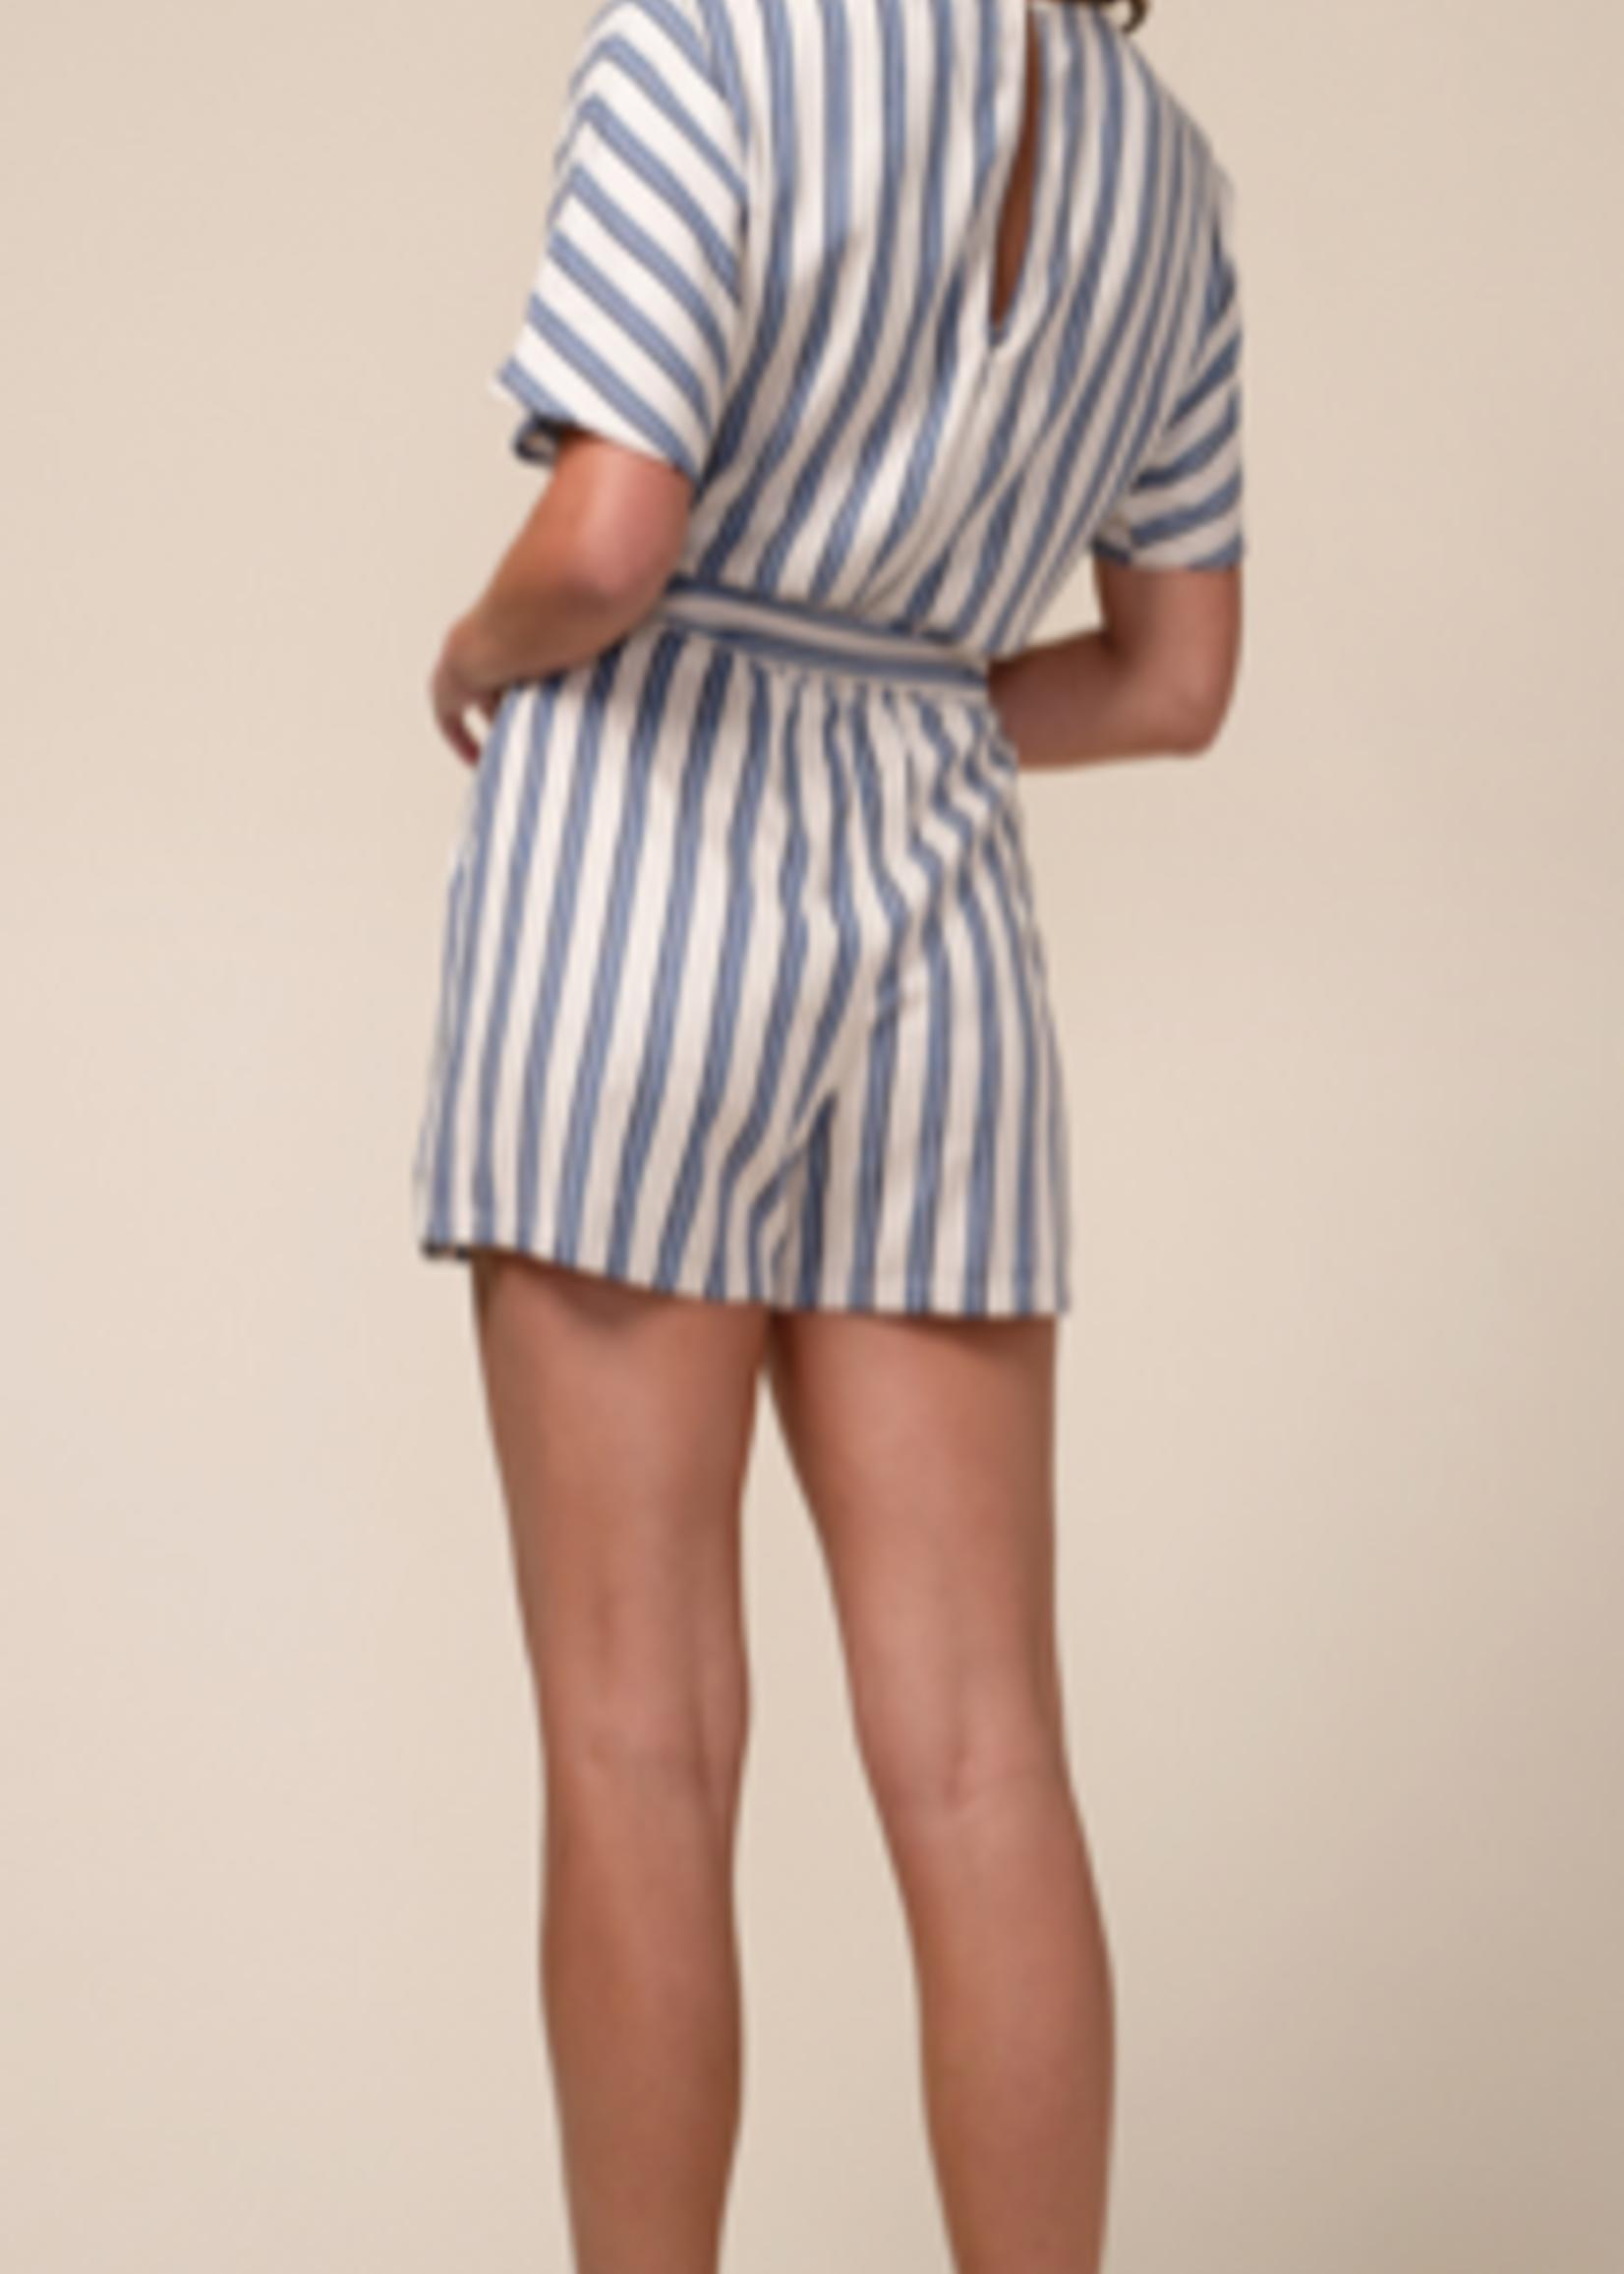 Elitaire Boutique Blue Striped Cotton Romper